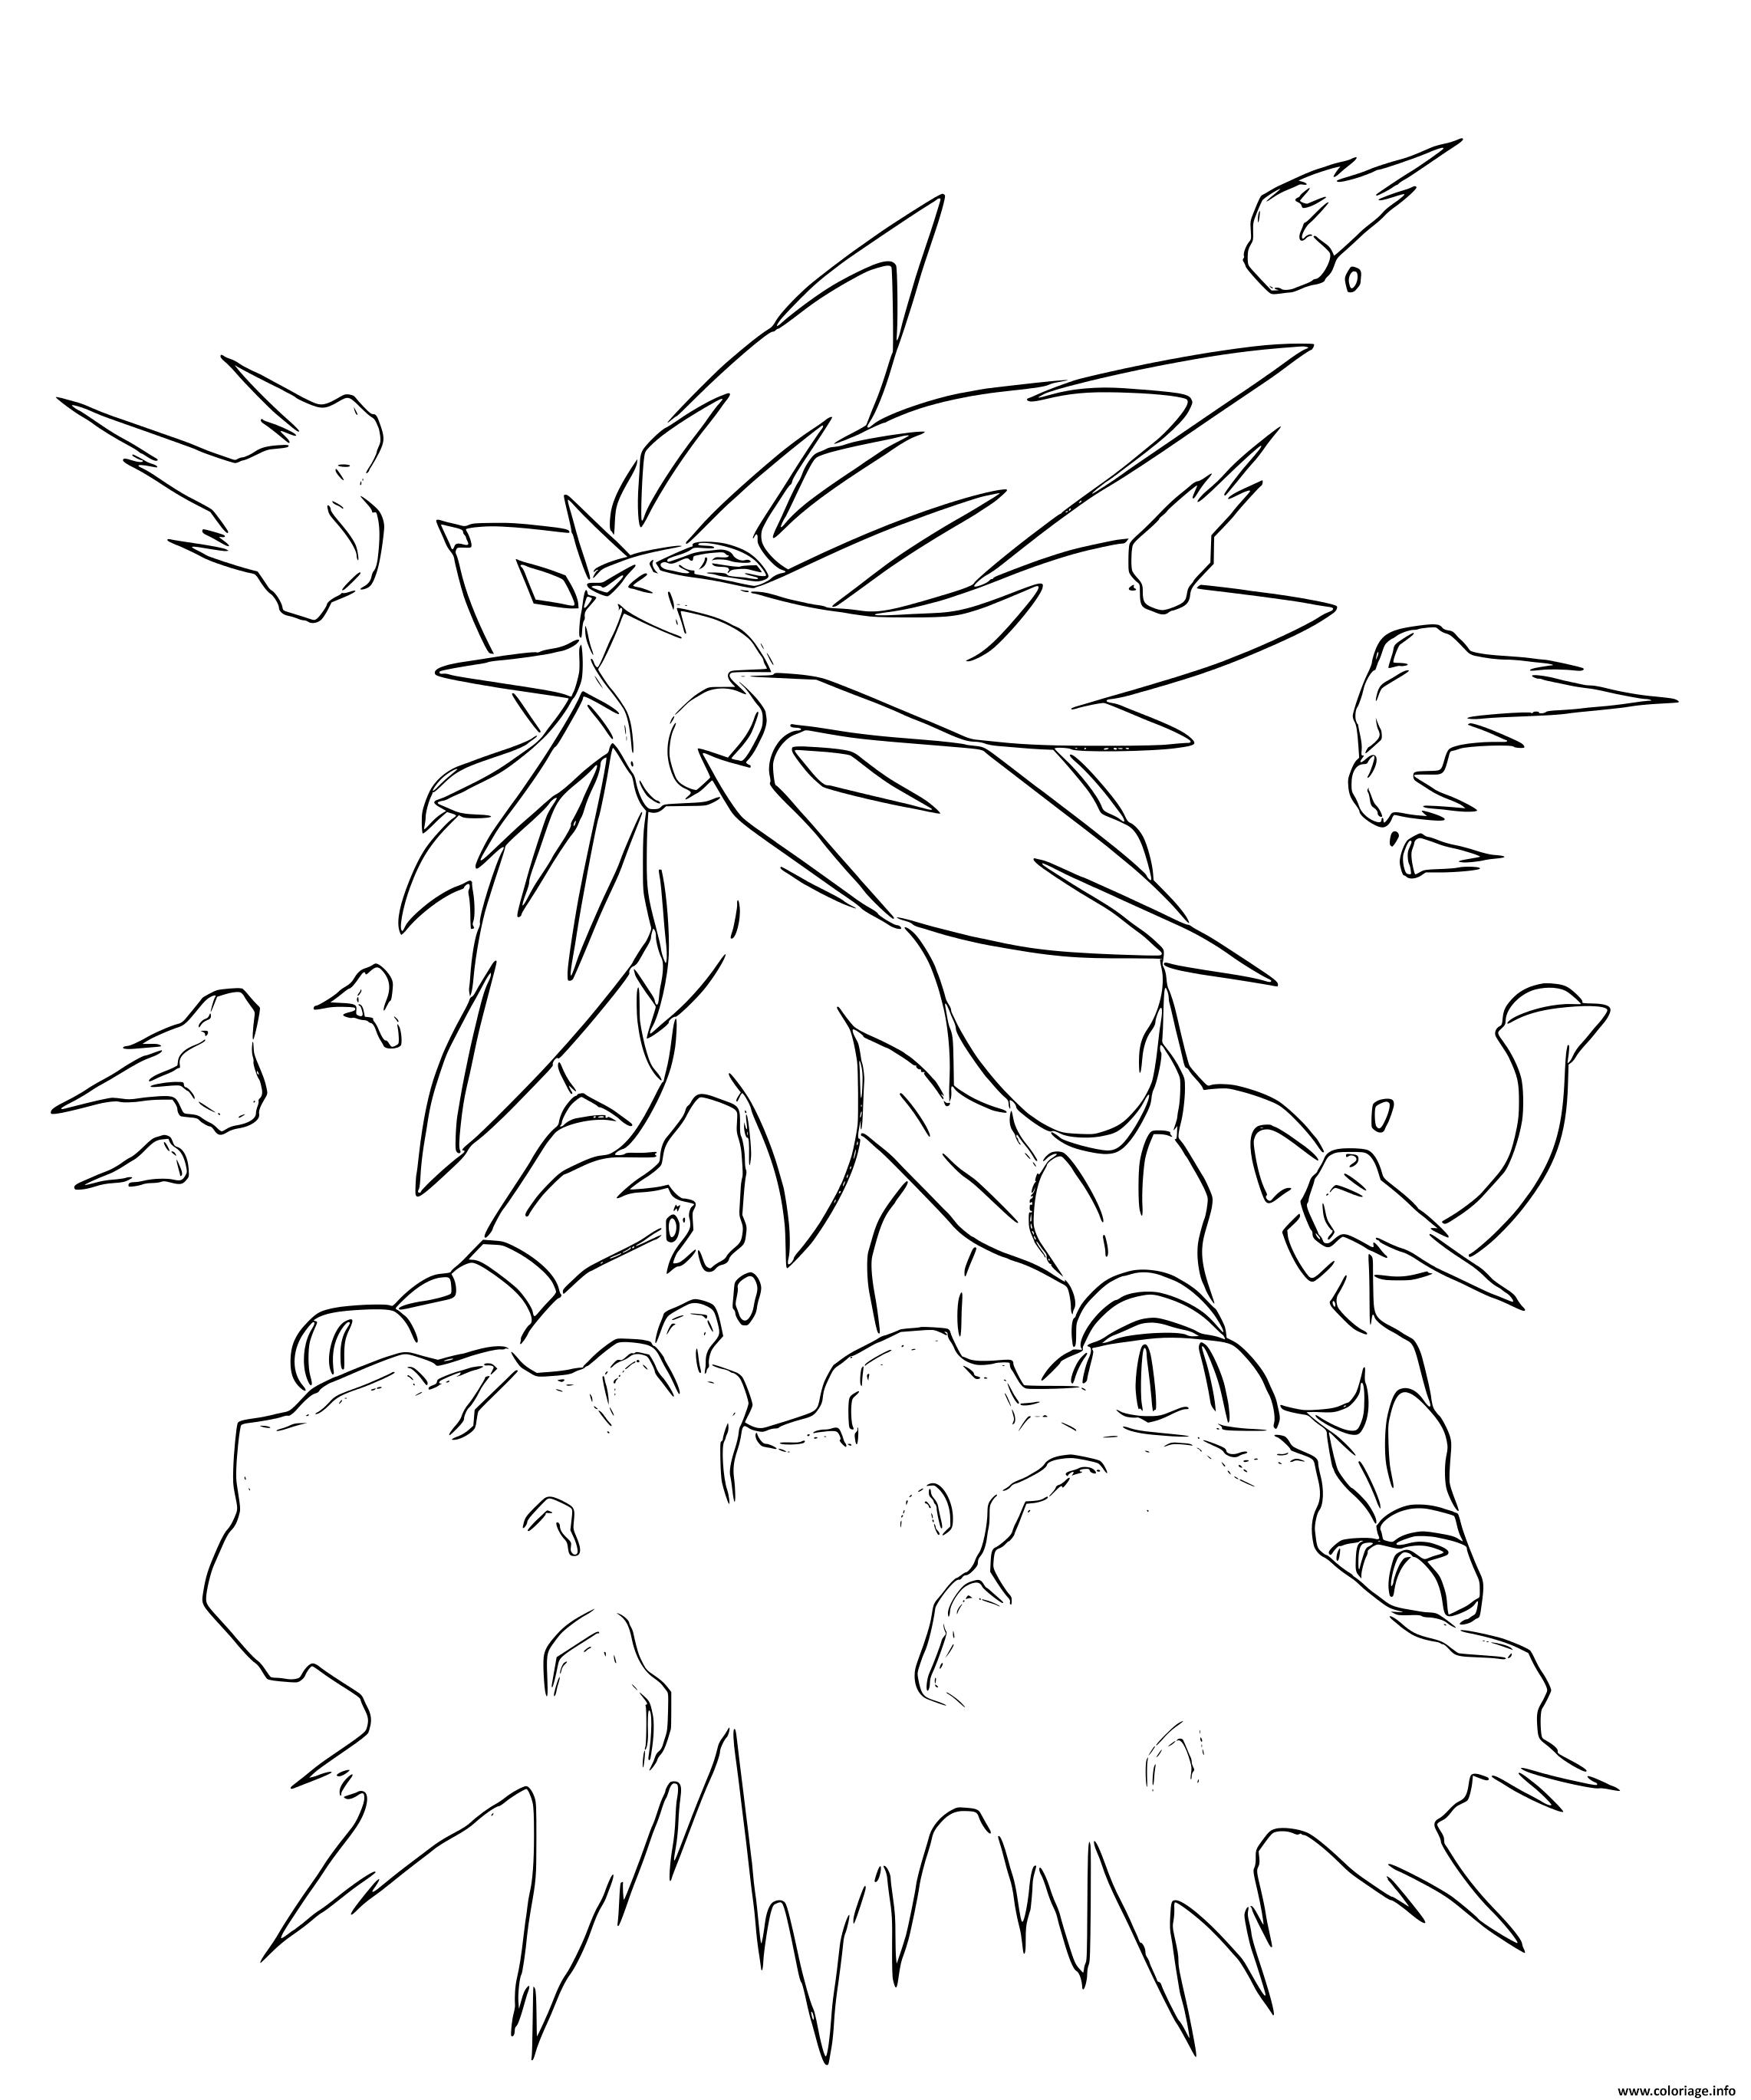 Dessin Solgaleo Pokemon Legendaire Coloriage Gratuit à Imprimer